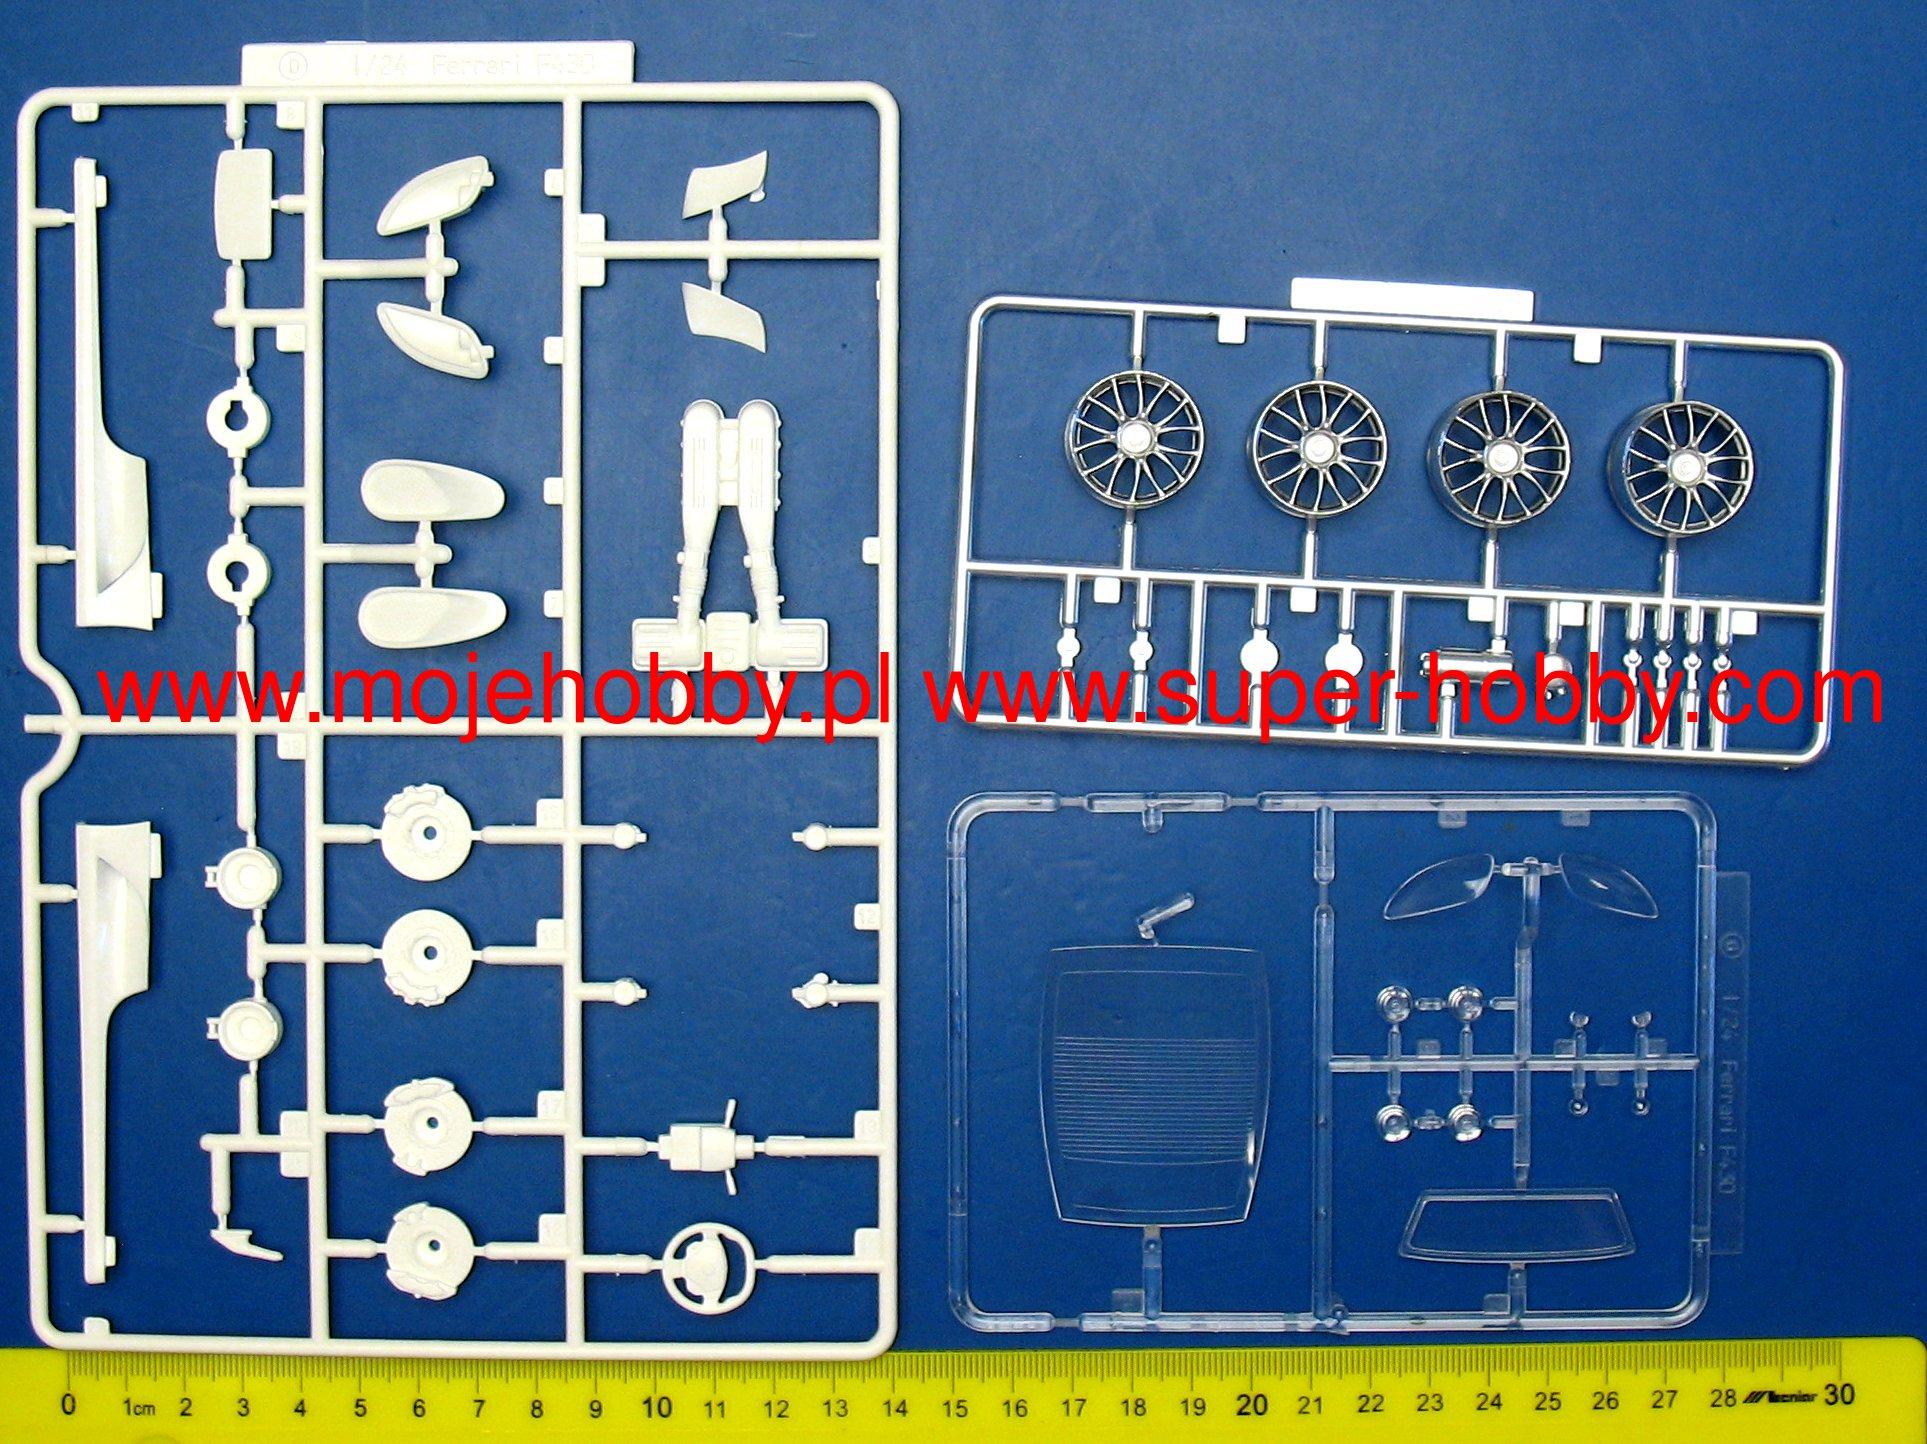 Ferrari F430 Spider Wiring Diagram. Testarossa Spider, Ferrari ... on